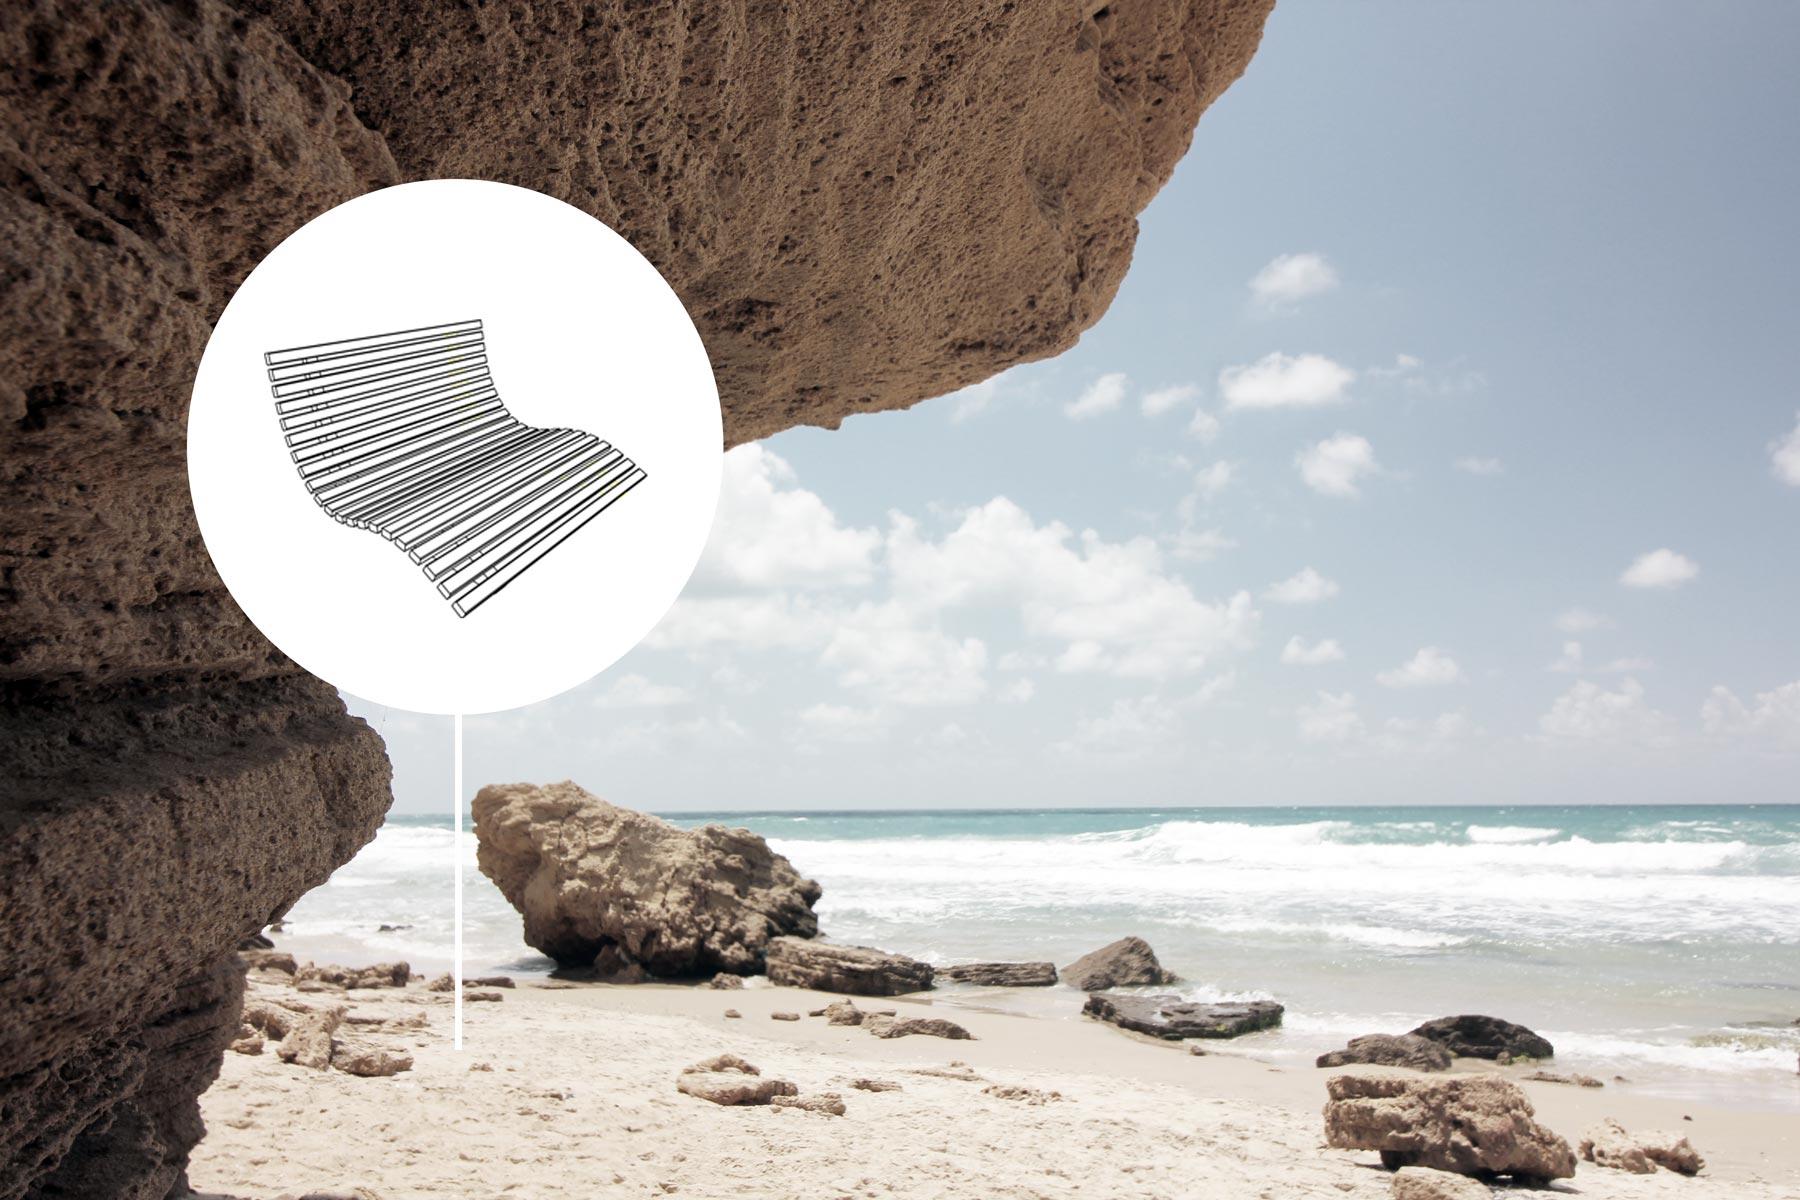 strandliege-seeliege-meerliege-hangsofa-liegewelle-schraubfundamente-erdschrauben-designliege